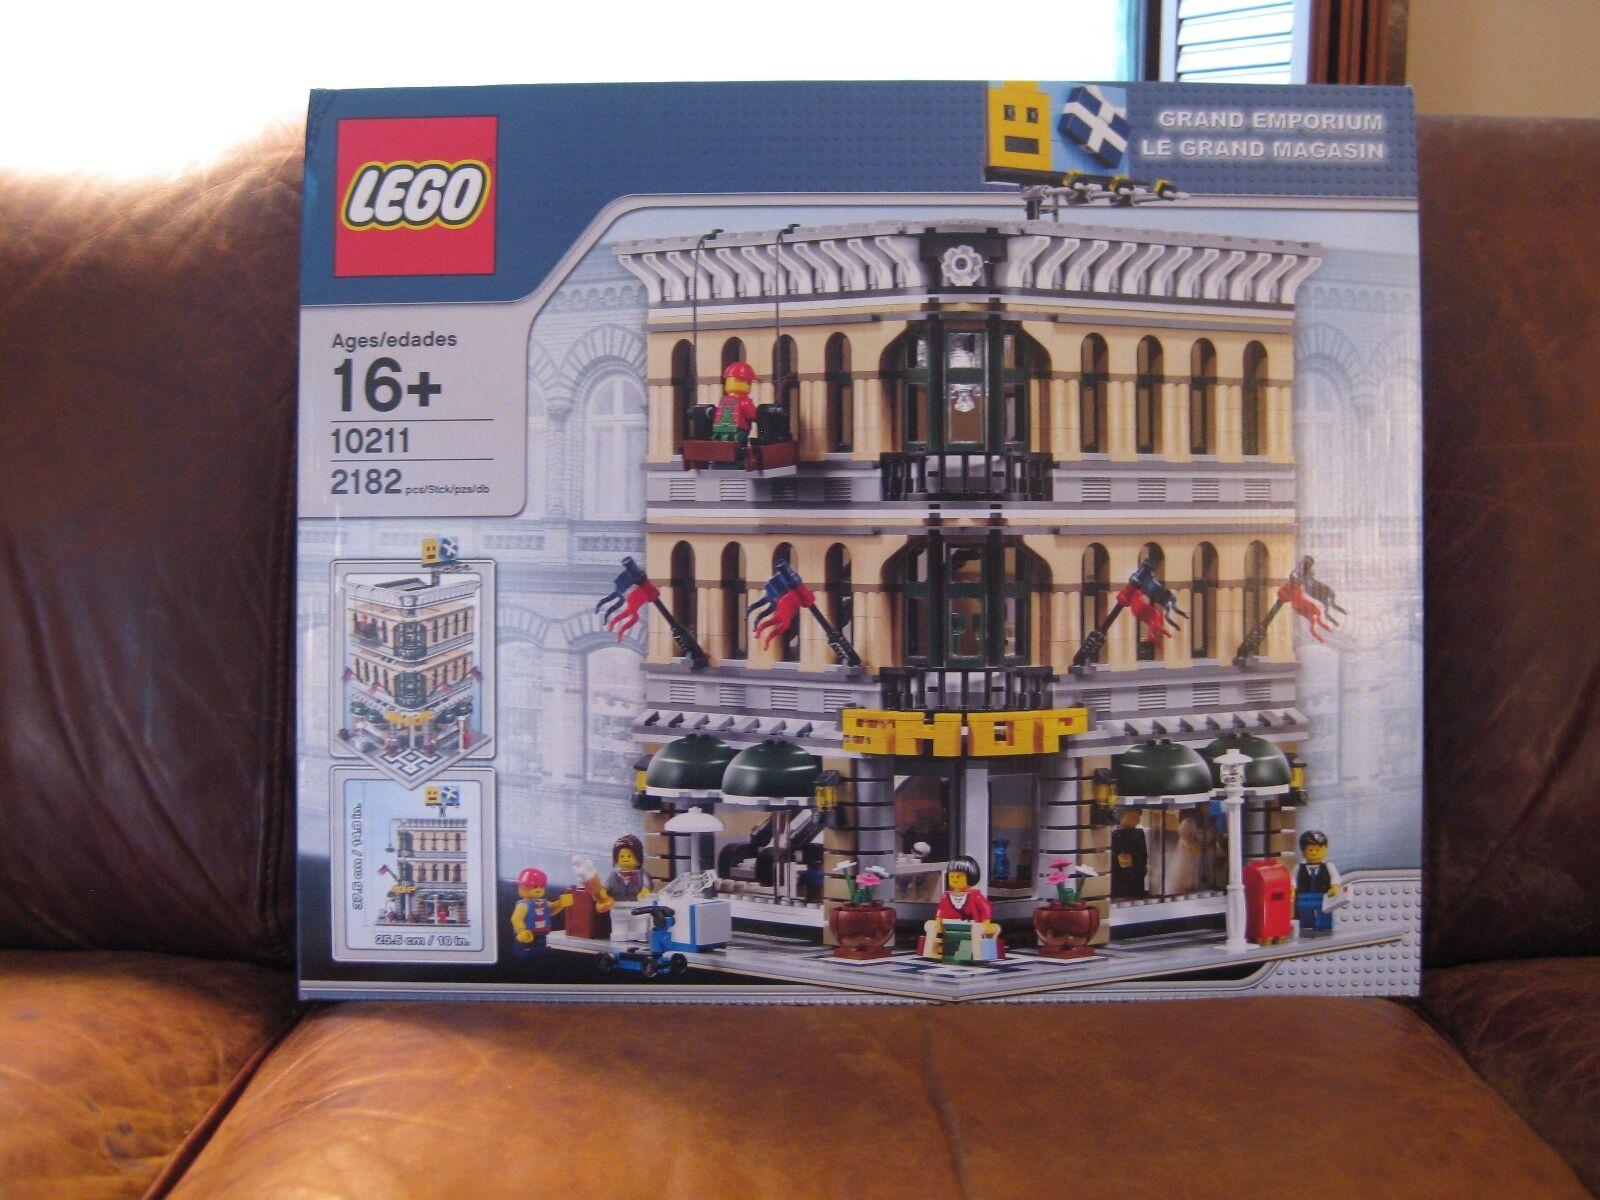 LEGO LEGO LEGO 10211 - Grand Emporium [Brand New] 2acacd